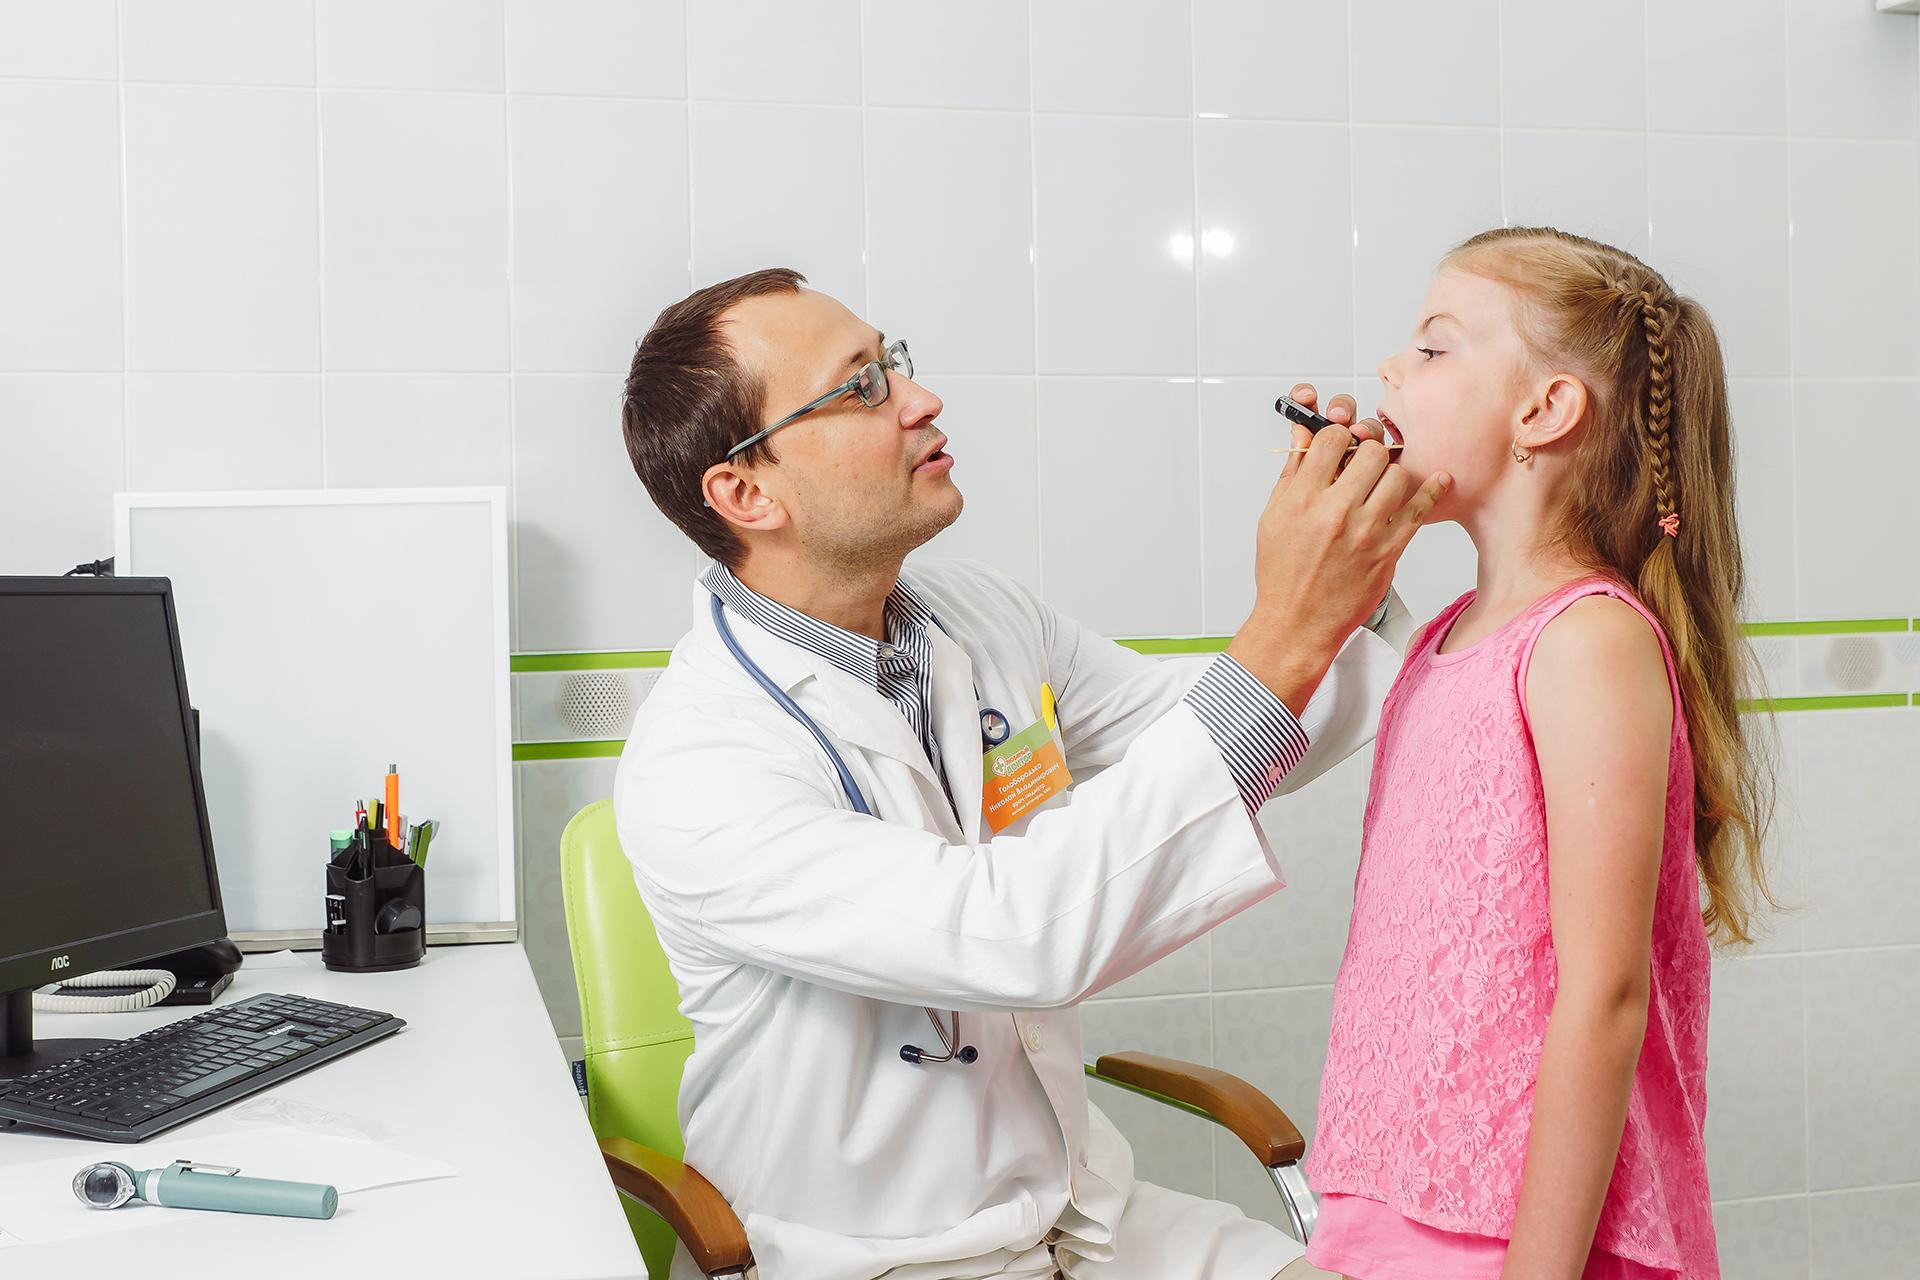 Çocuklarda öksürüğü ilaçla kesmeyin #2